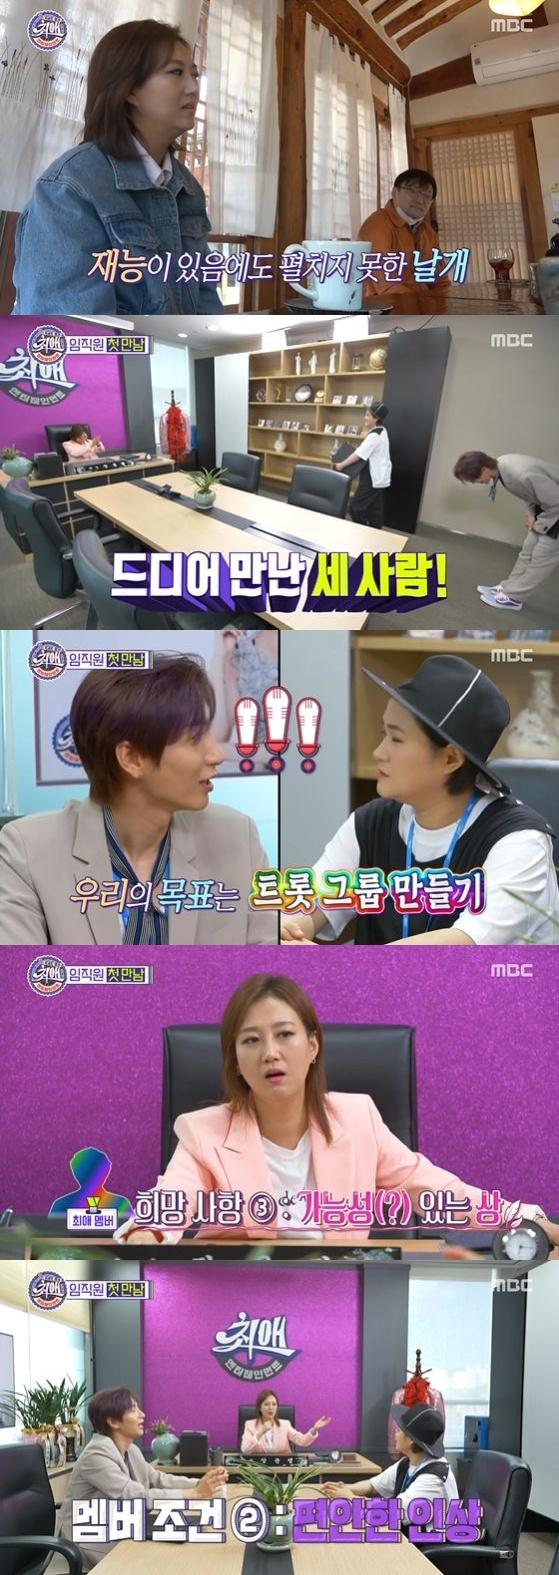 /사진= MBC '최애 엔터테인먼트' 방송화면 캡쳐